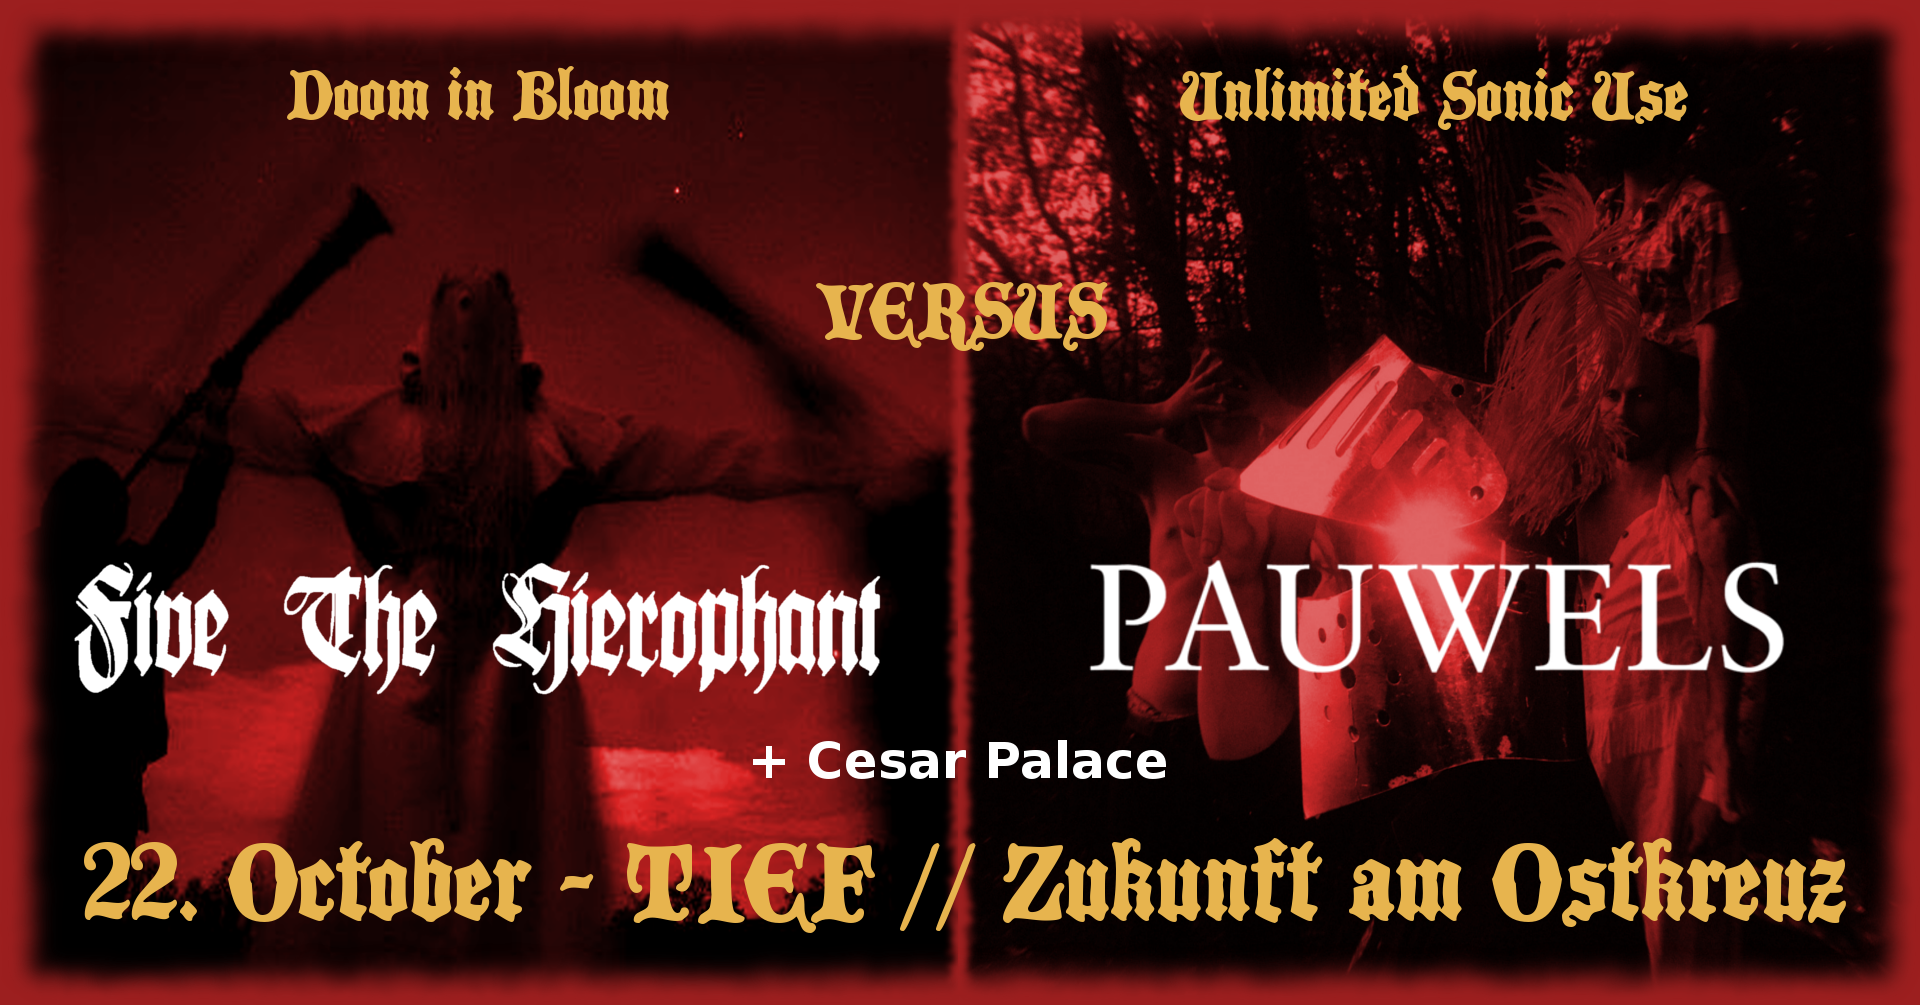 Five The Hierophant + Pauwels @ TIEF, Zukunft am Ostkreuz Berlin